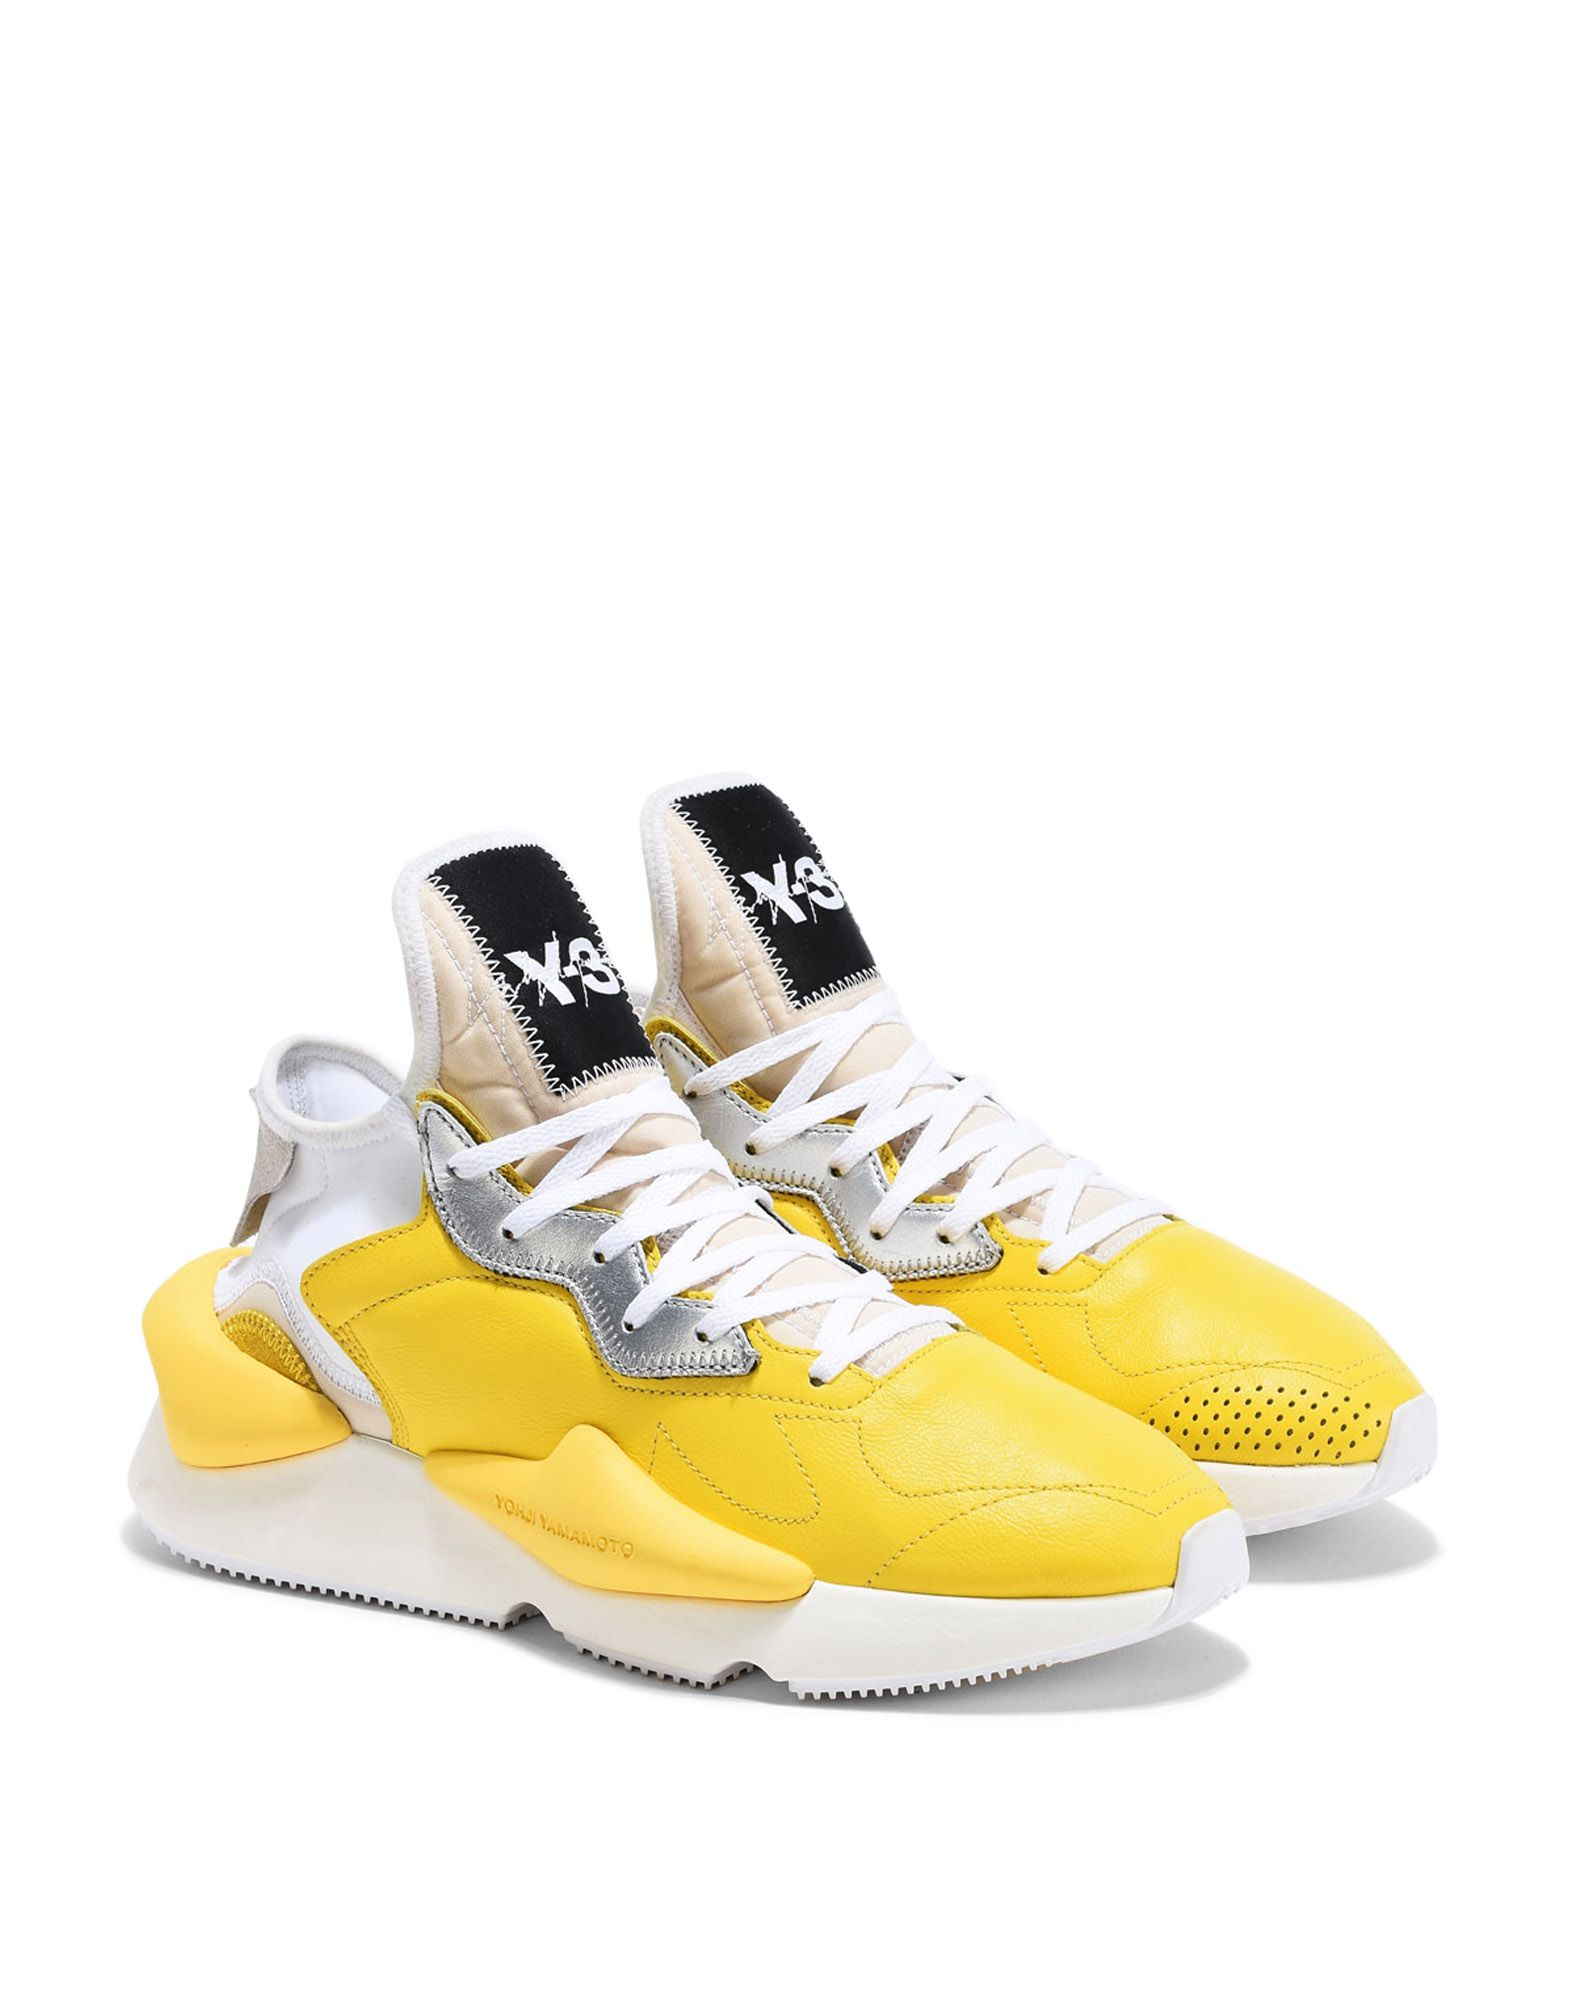 Y-3 Y-3 Kaiwa Sneakers E r